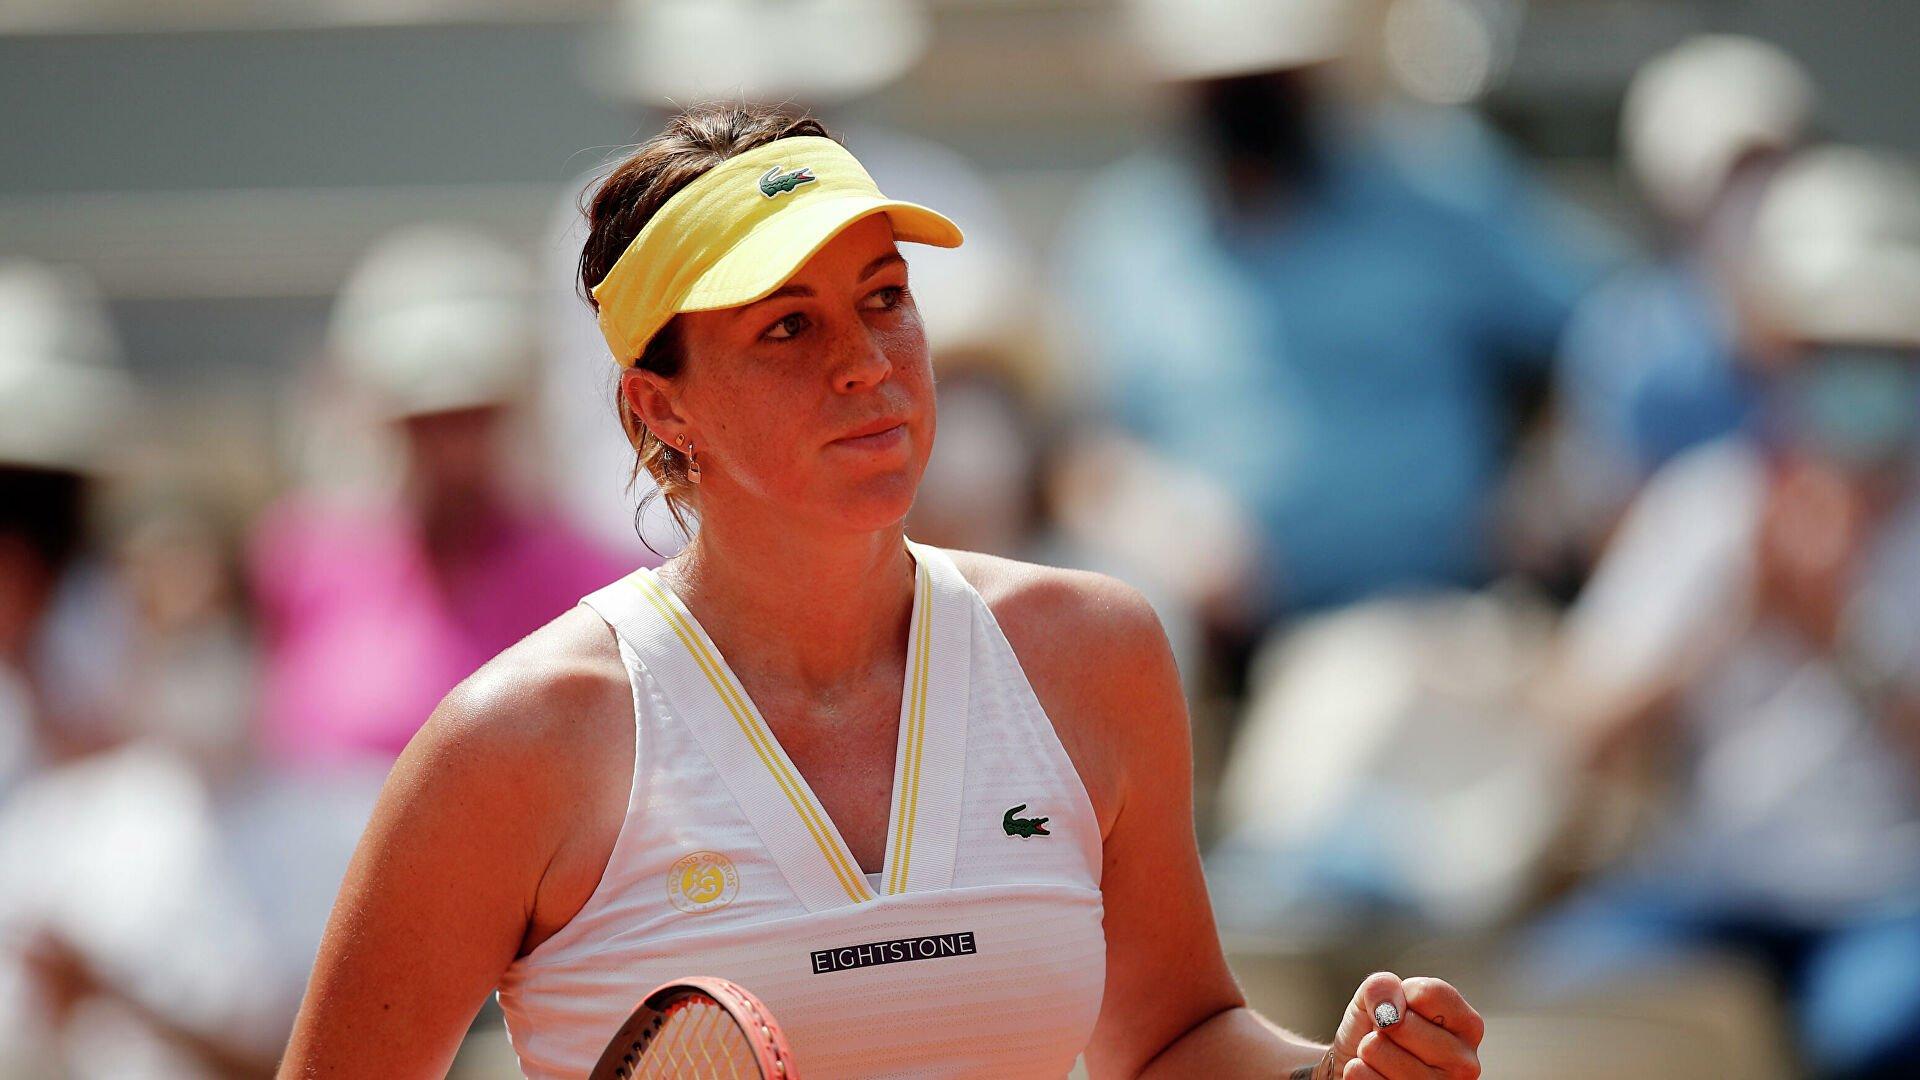 Павлюченкова впервые в карьере вышла в финал «Ролан Гаррос»